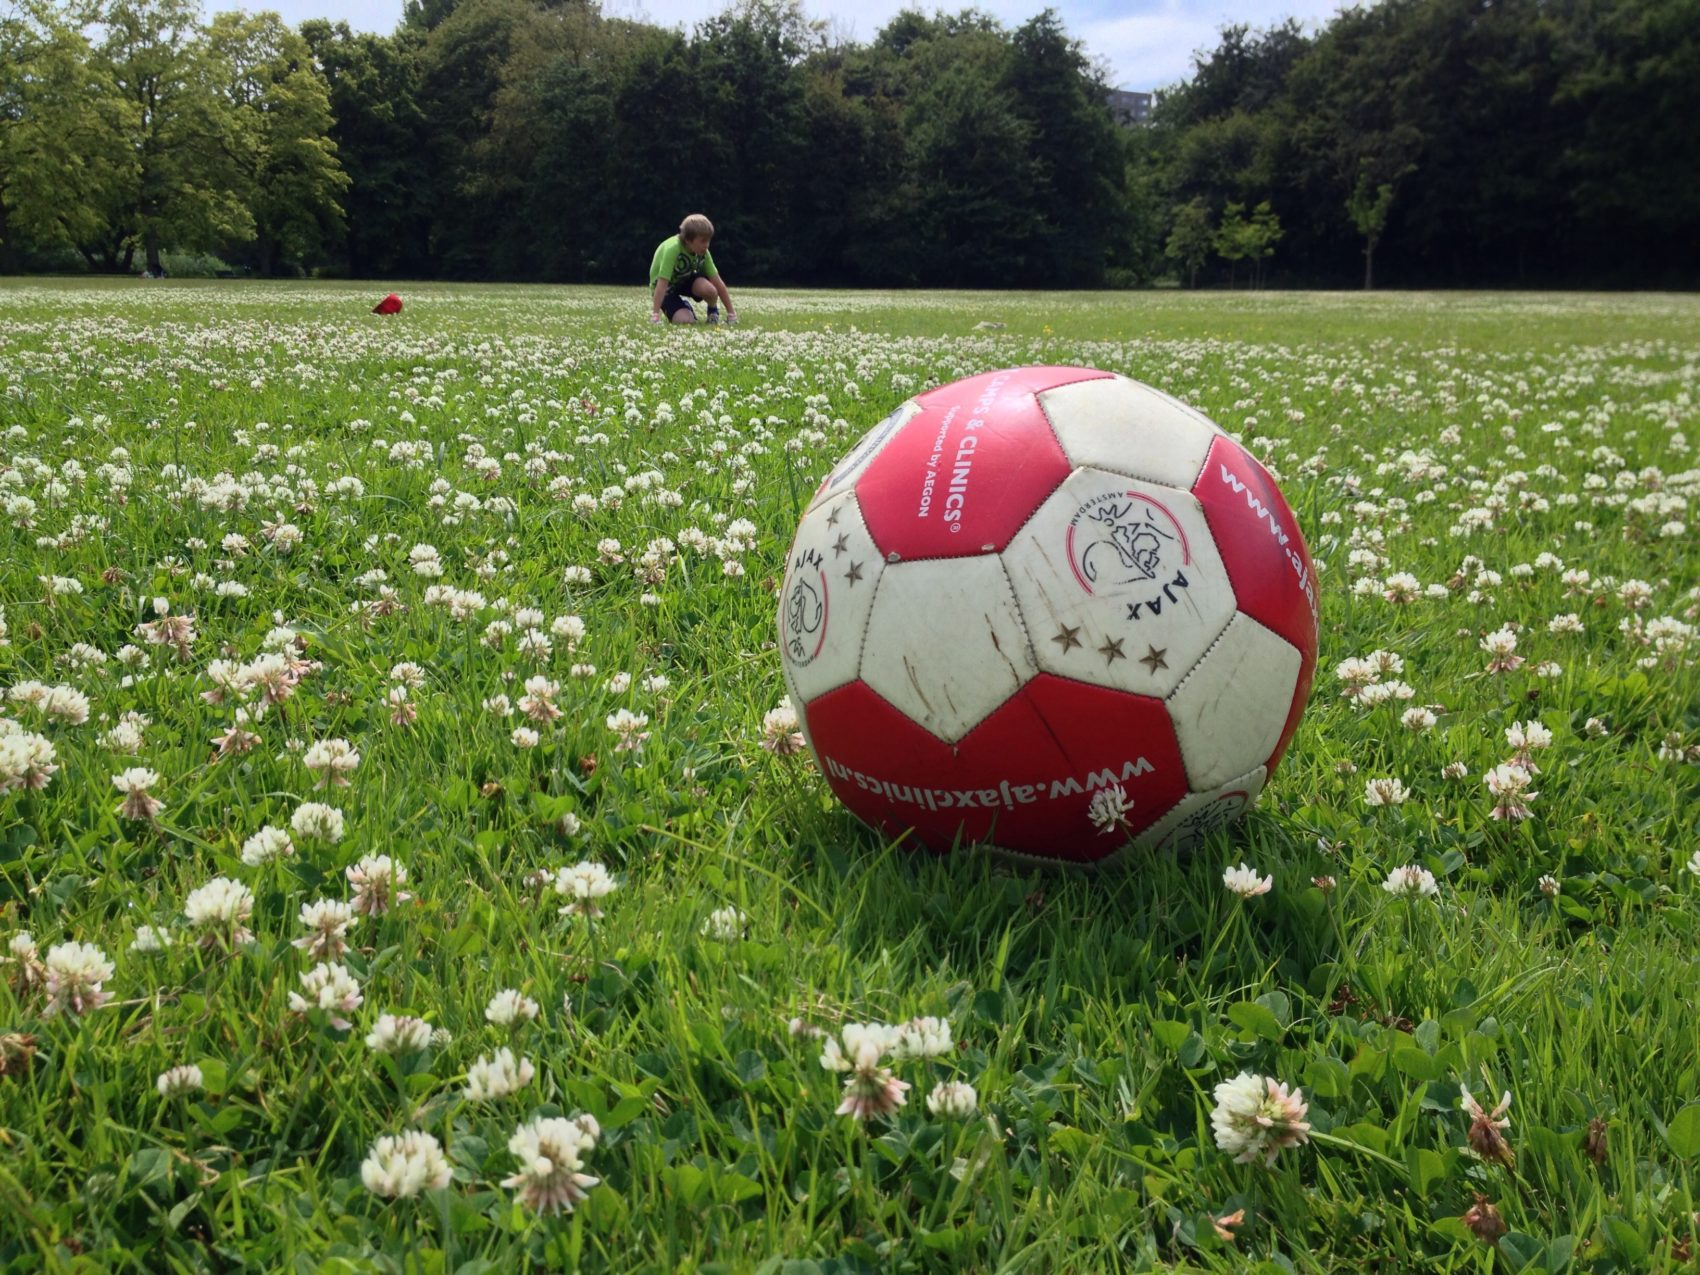 Voetballen met de jarige job omringd door de geur van bloemen